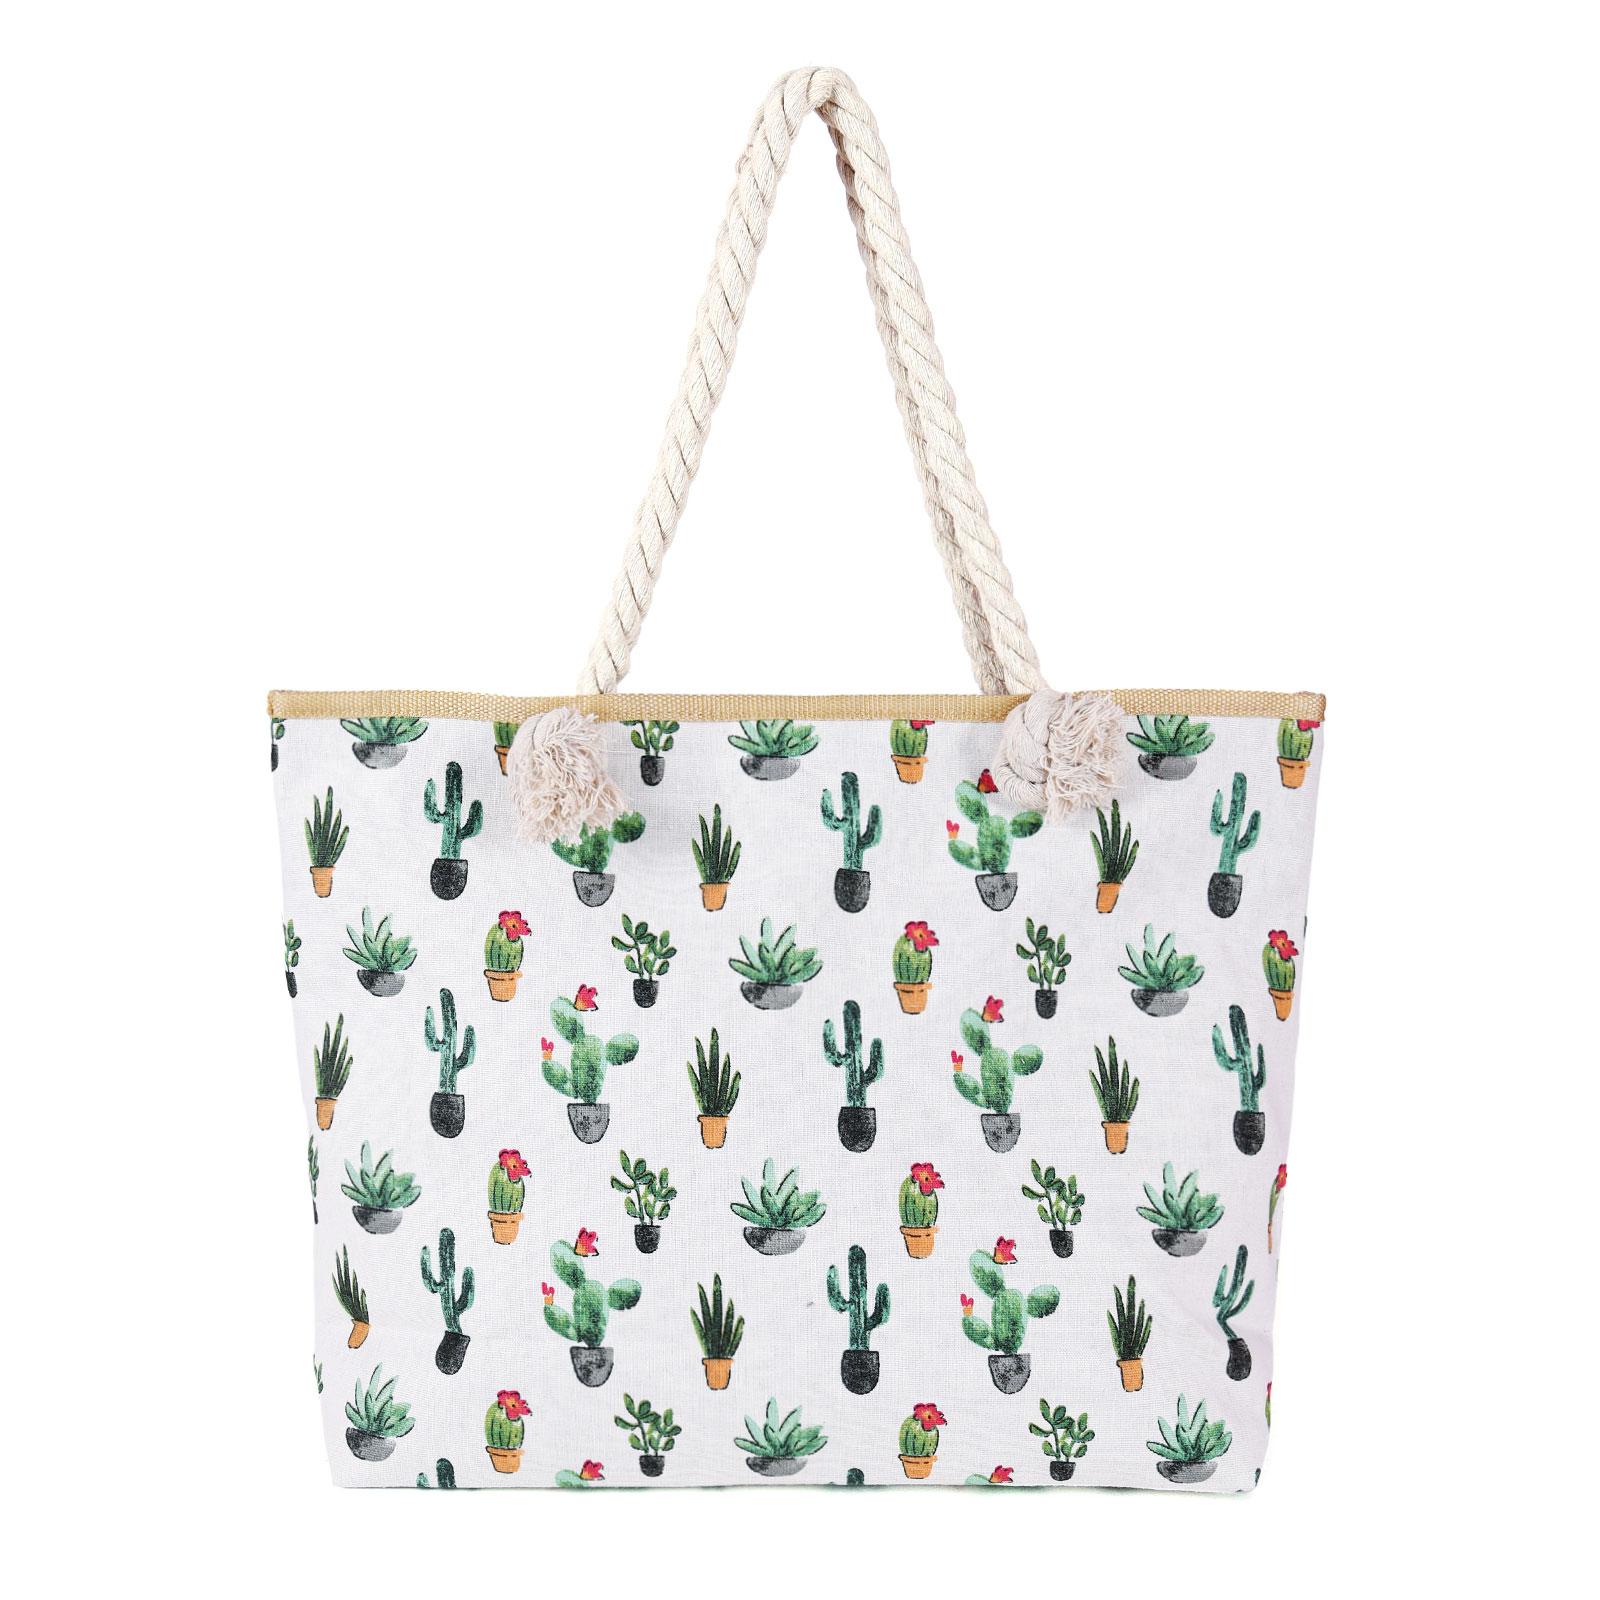 MQ-00153-F16-P-sac-de-plage-cactus